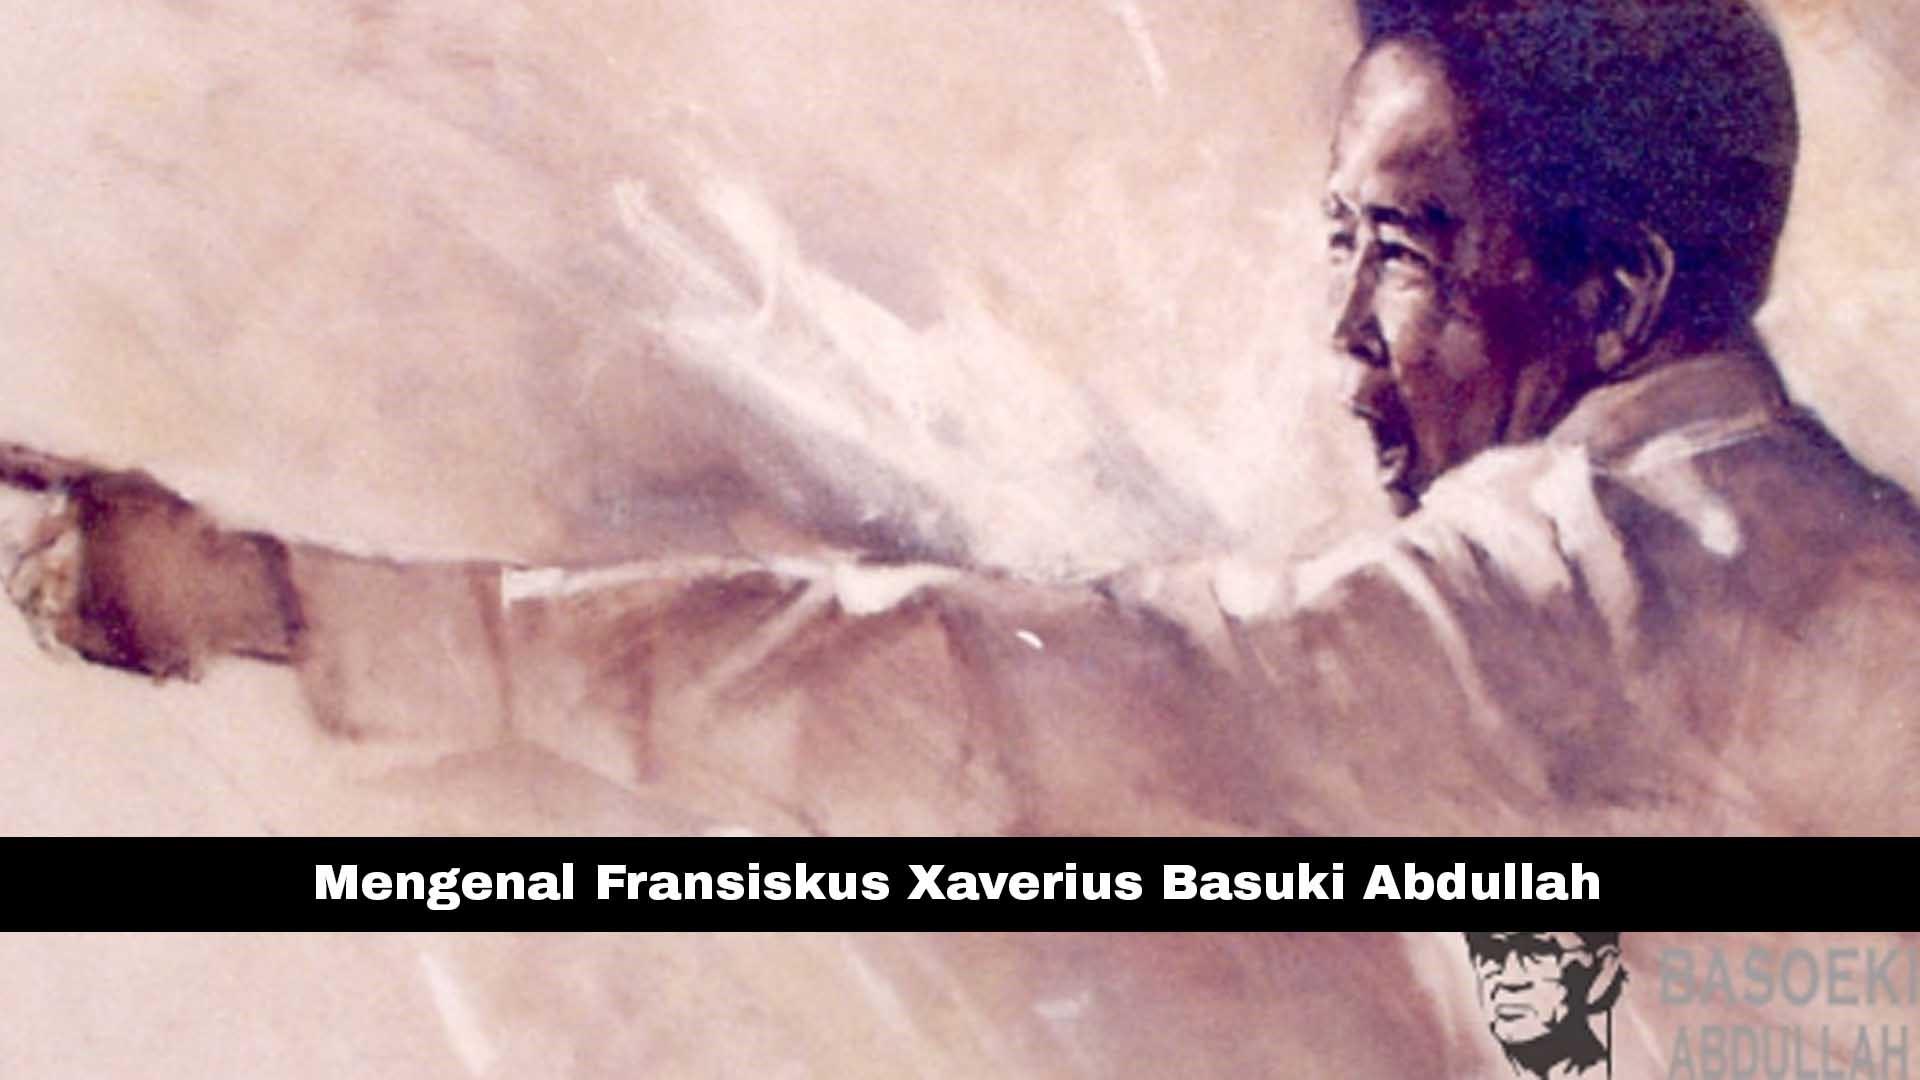 Fransiskus Xaverius Basuki Abdullah